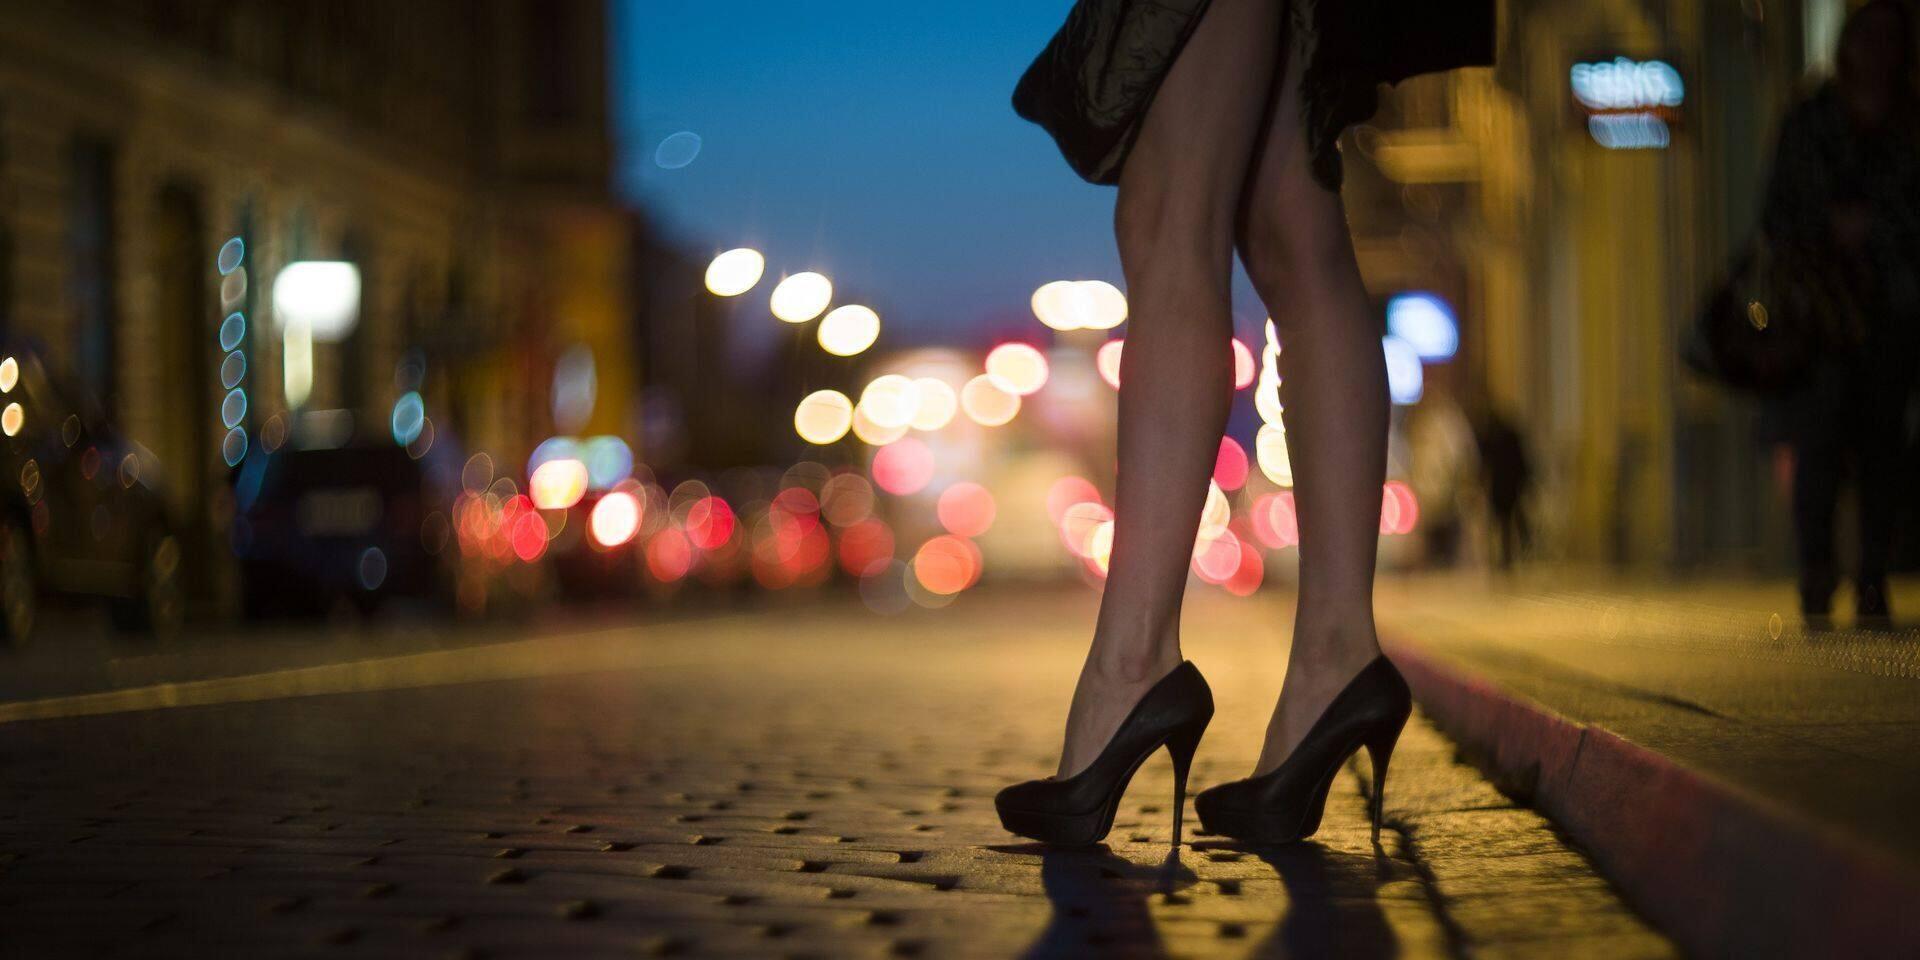 La crise sanitaire a renforcé la précarité des prostituées